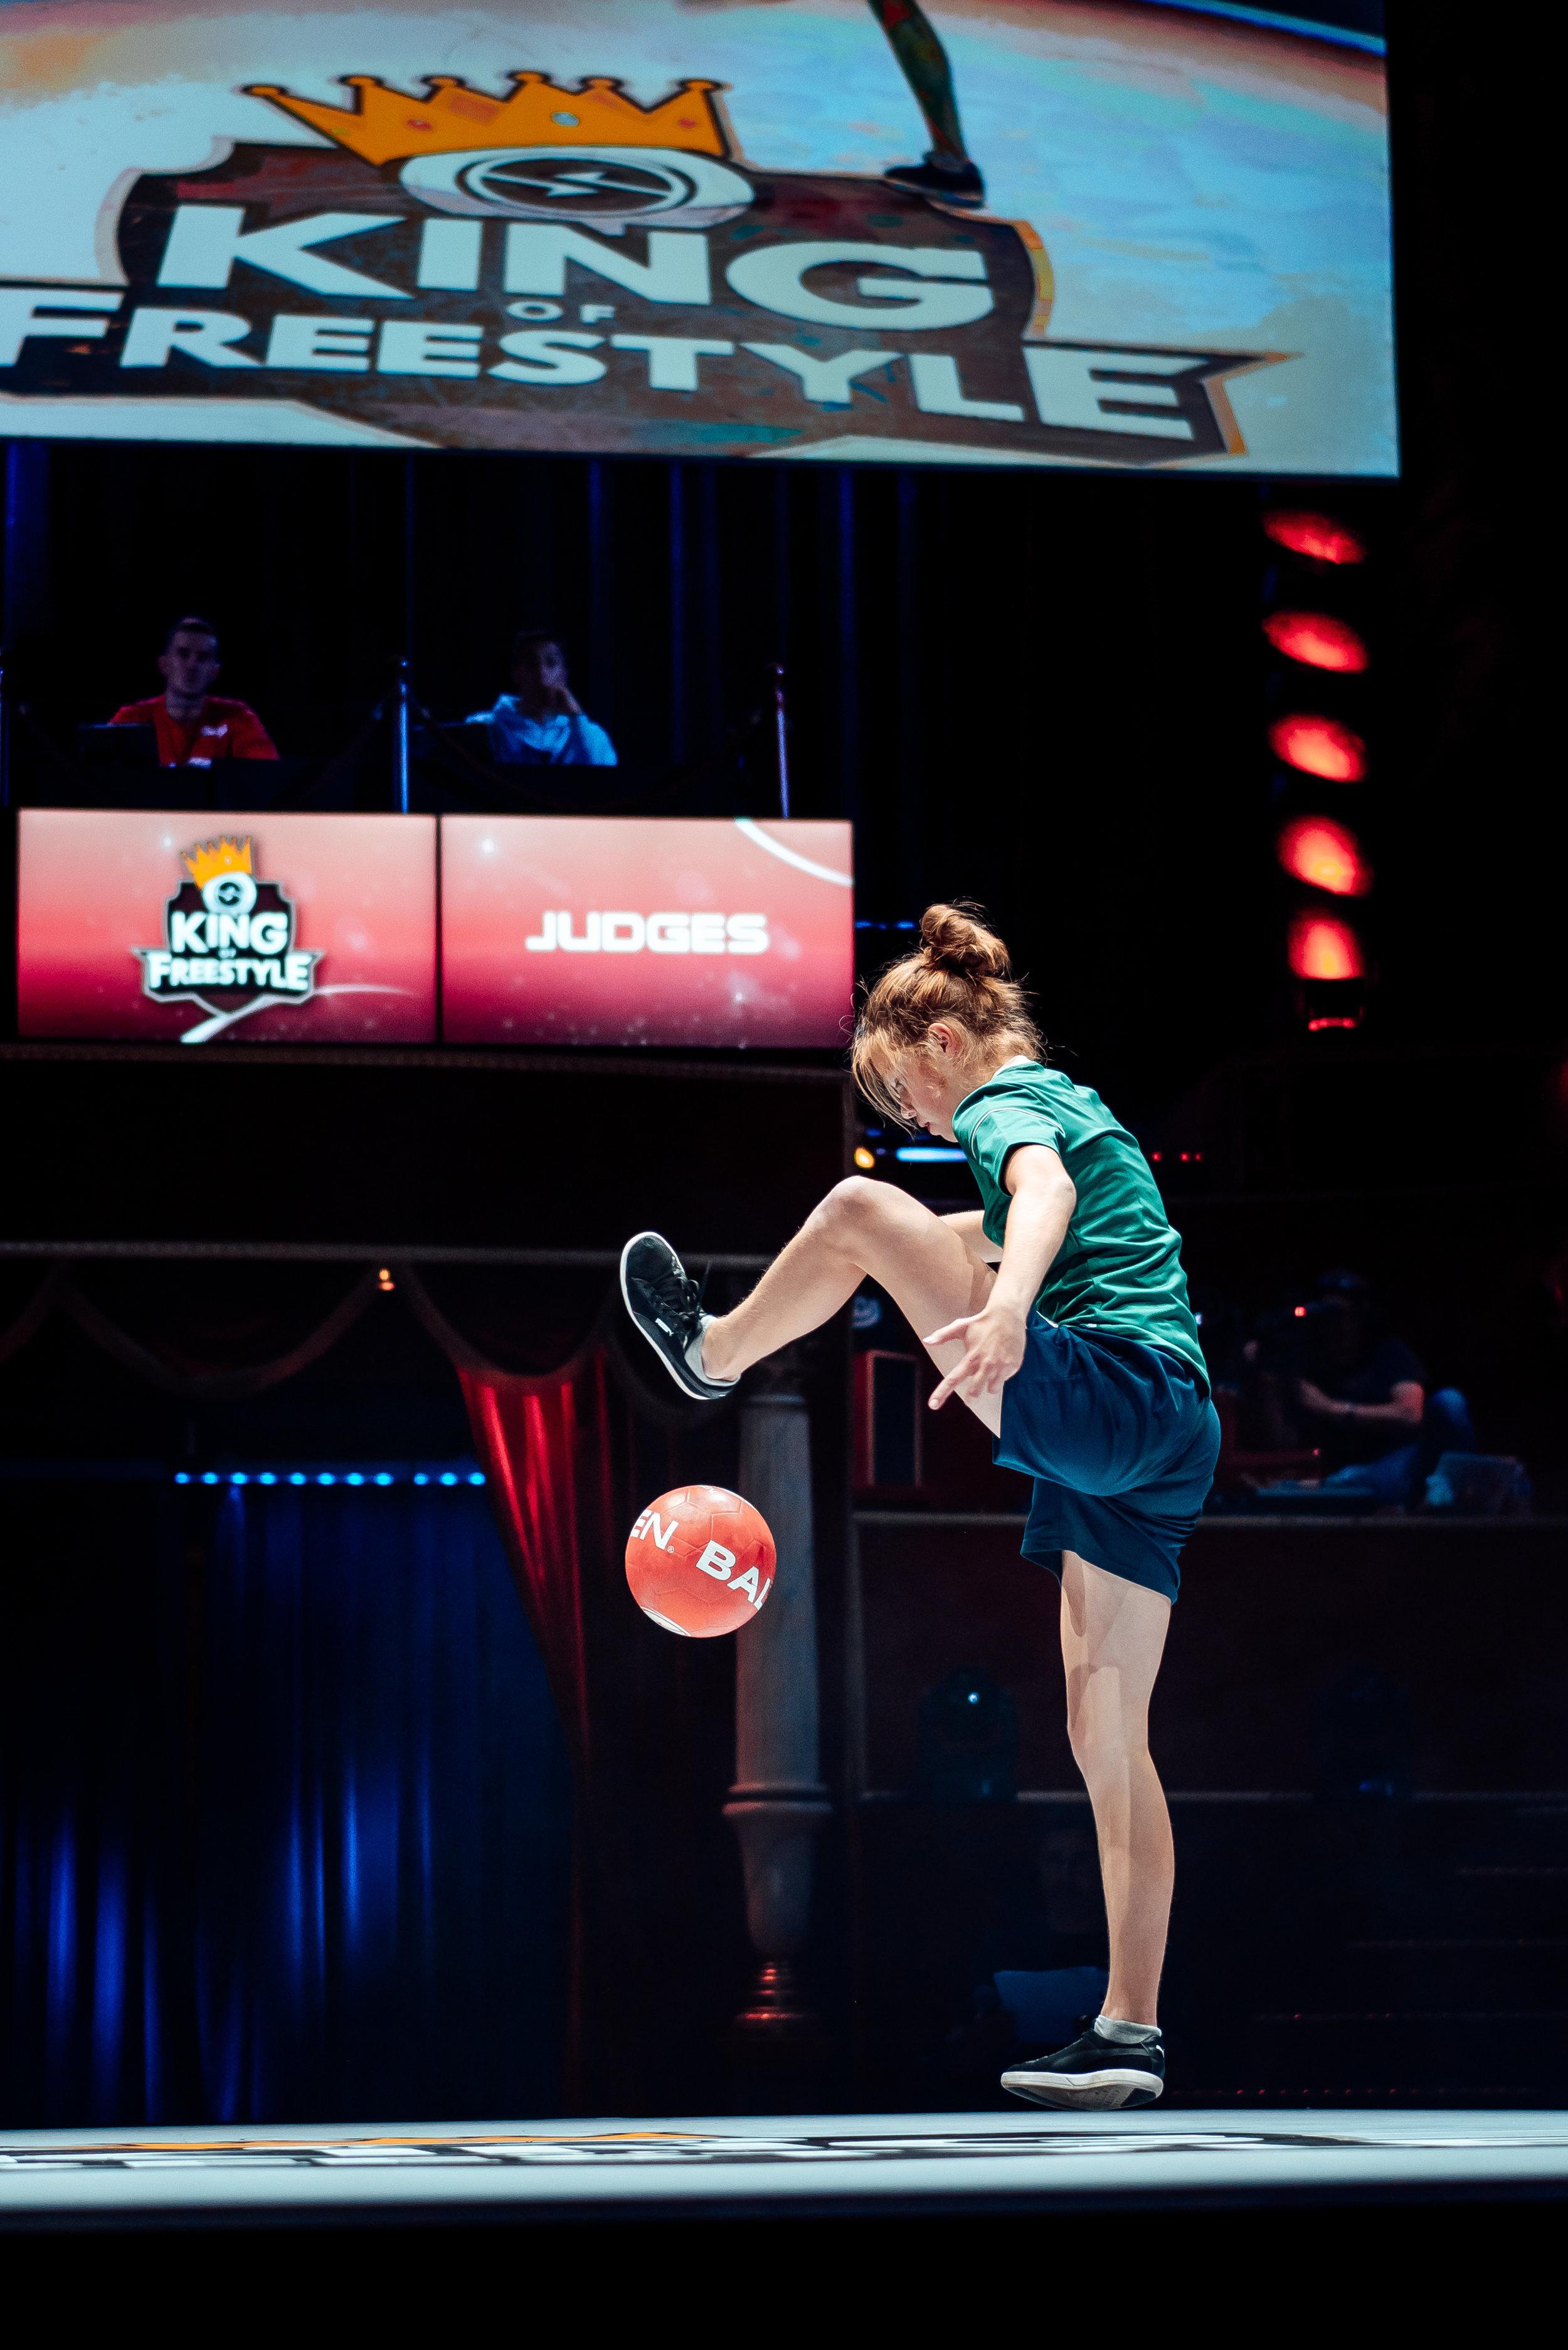 King of Freestyle - Top 4 internationaal/genodigd toernooi in Parijs Laura Dekker